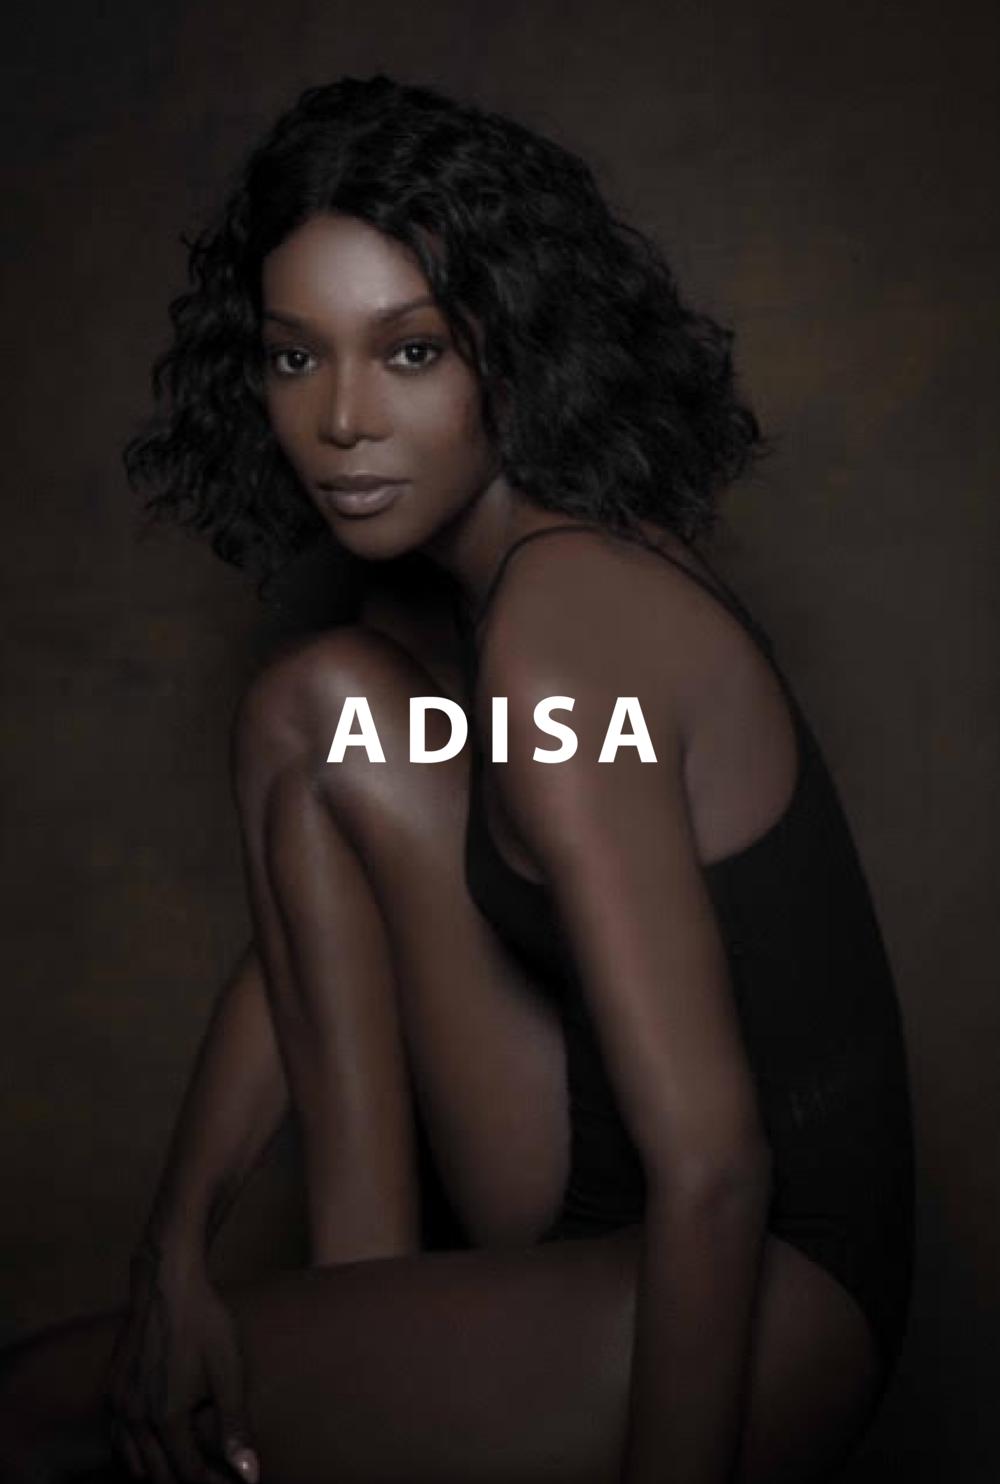 Adisa-modelboard-09.png